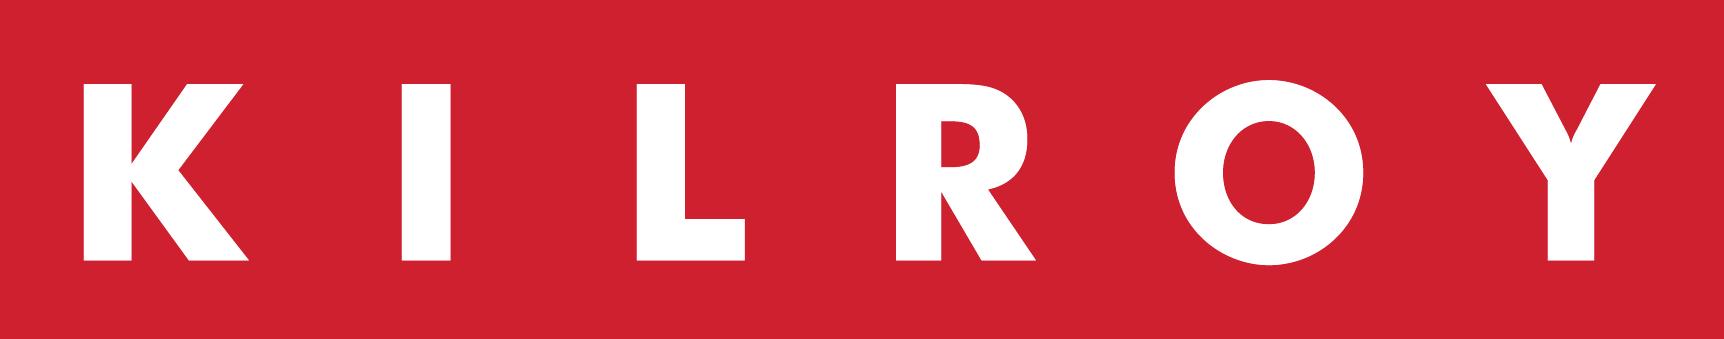 Kilroy logo.png